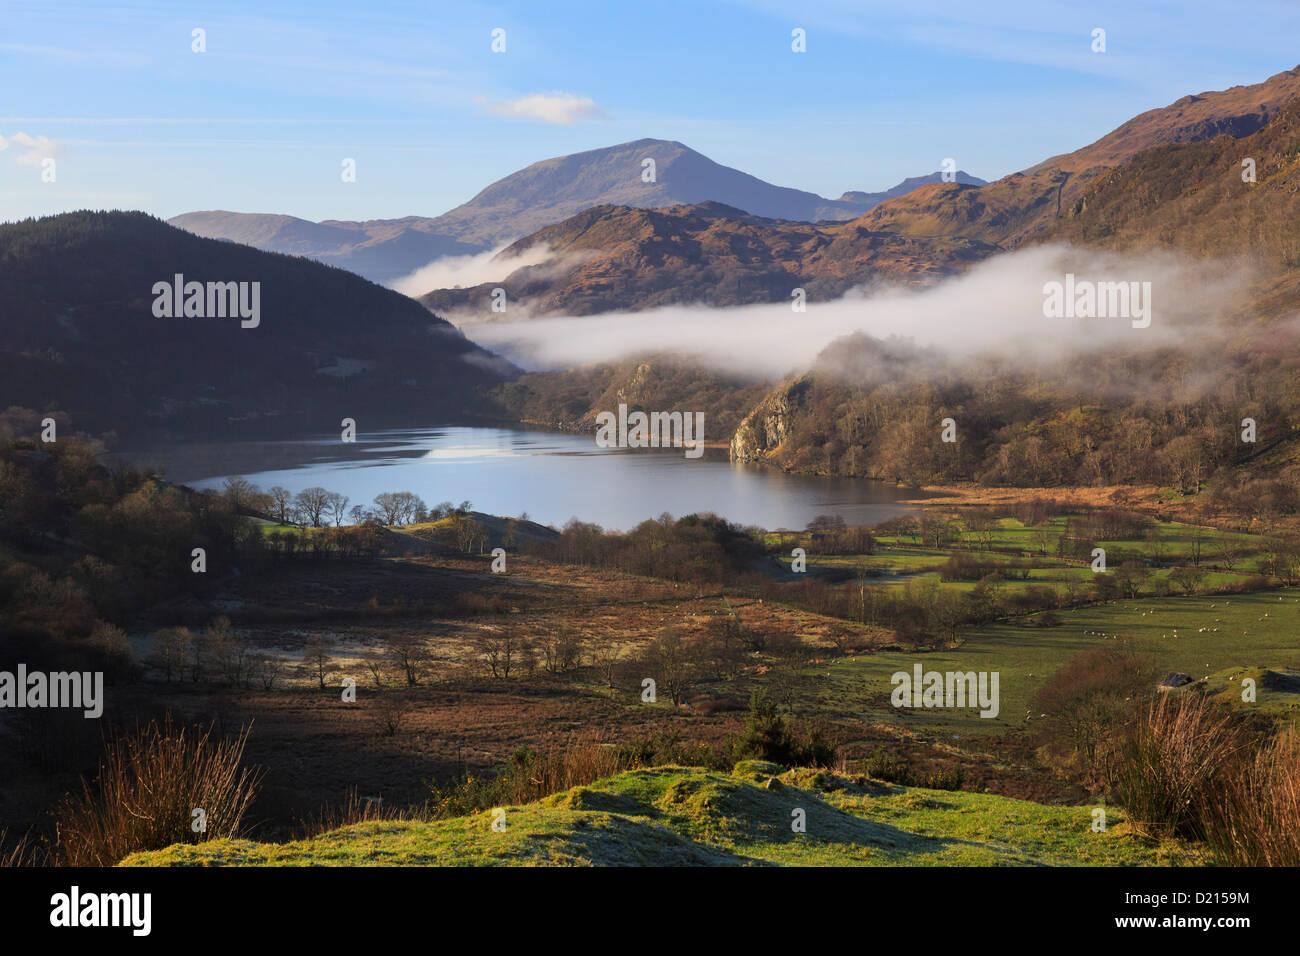 Vista panorámica a lo largo de Nant Gwynant valle de Llyn Gwynant lago con niebla en las montañas del Imagen De Stock